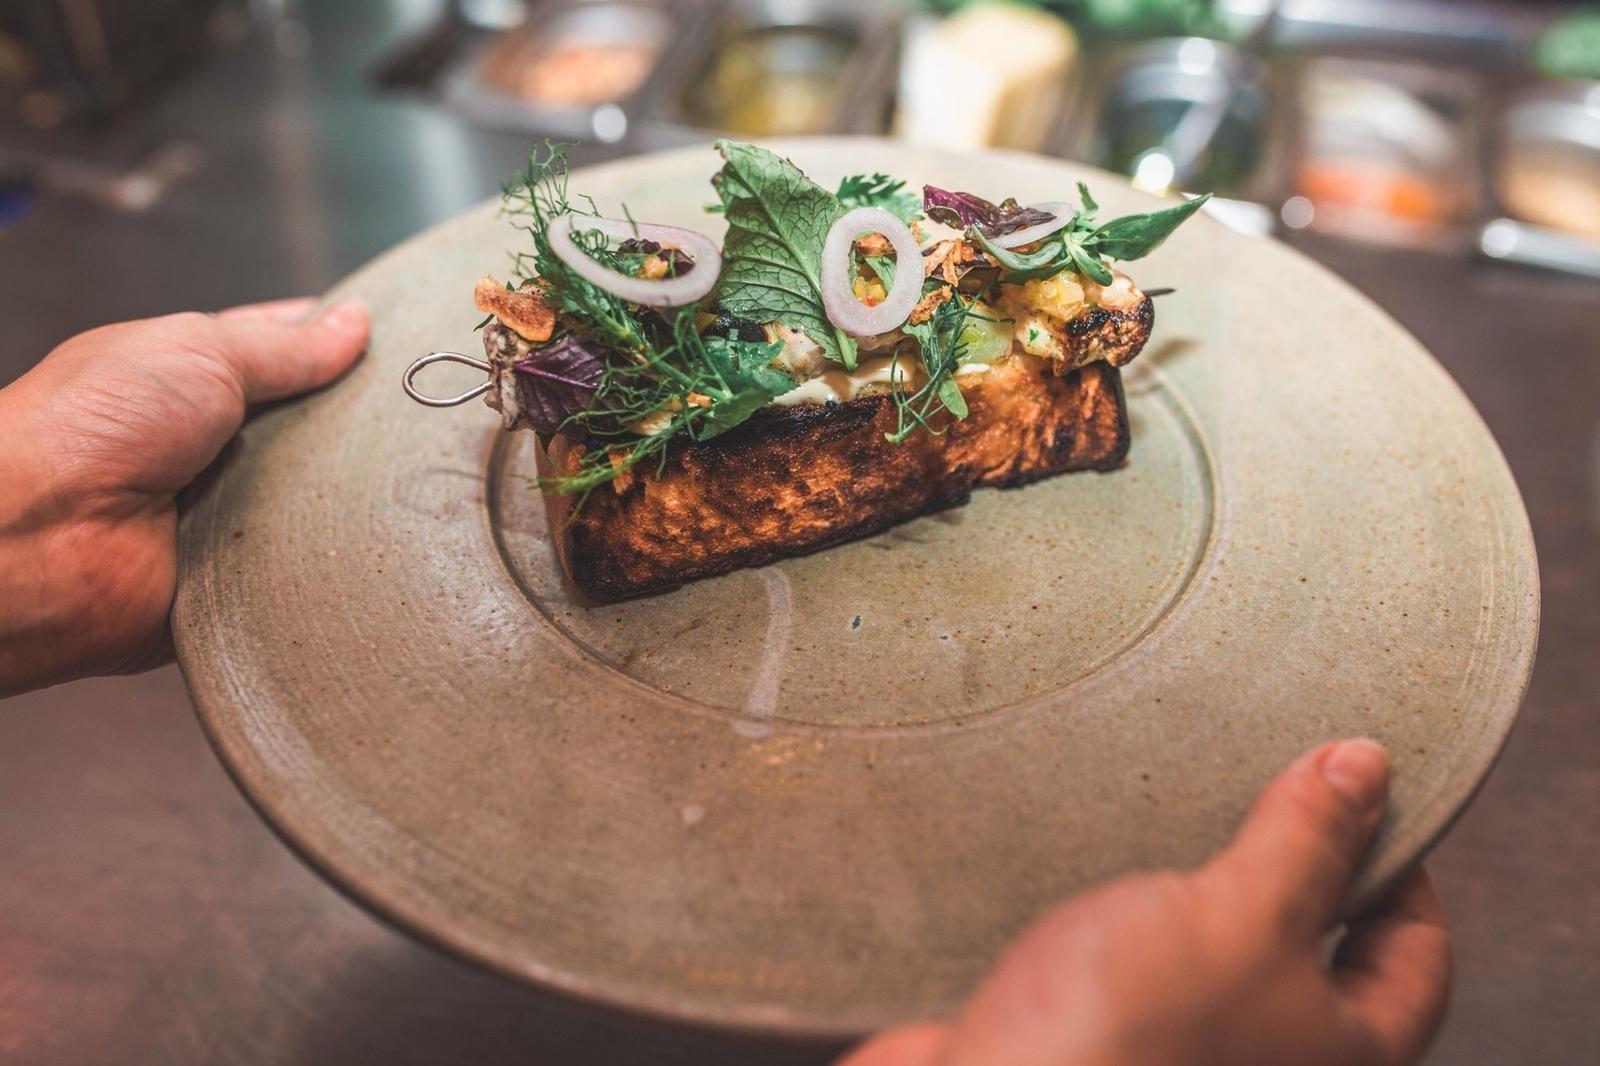 Siete restaurantes y bares de Israel, incluidos en la lista de los 50 Mejores descubrimientos del Mundo